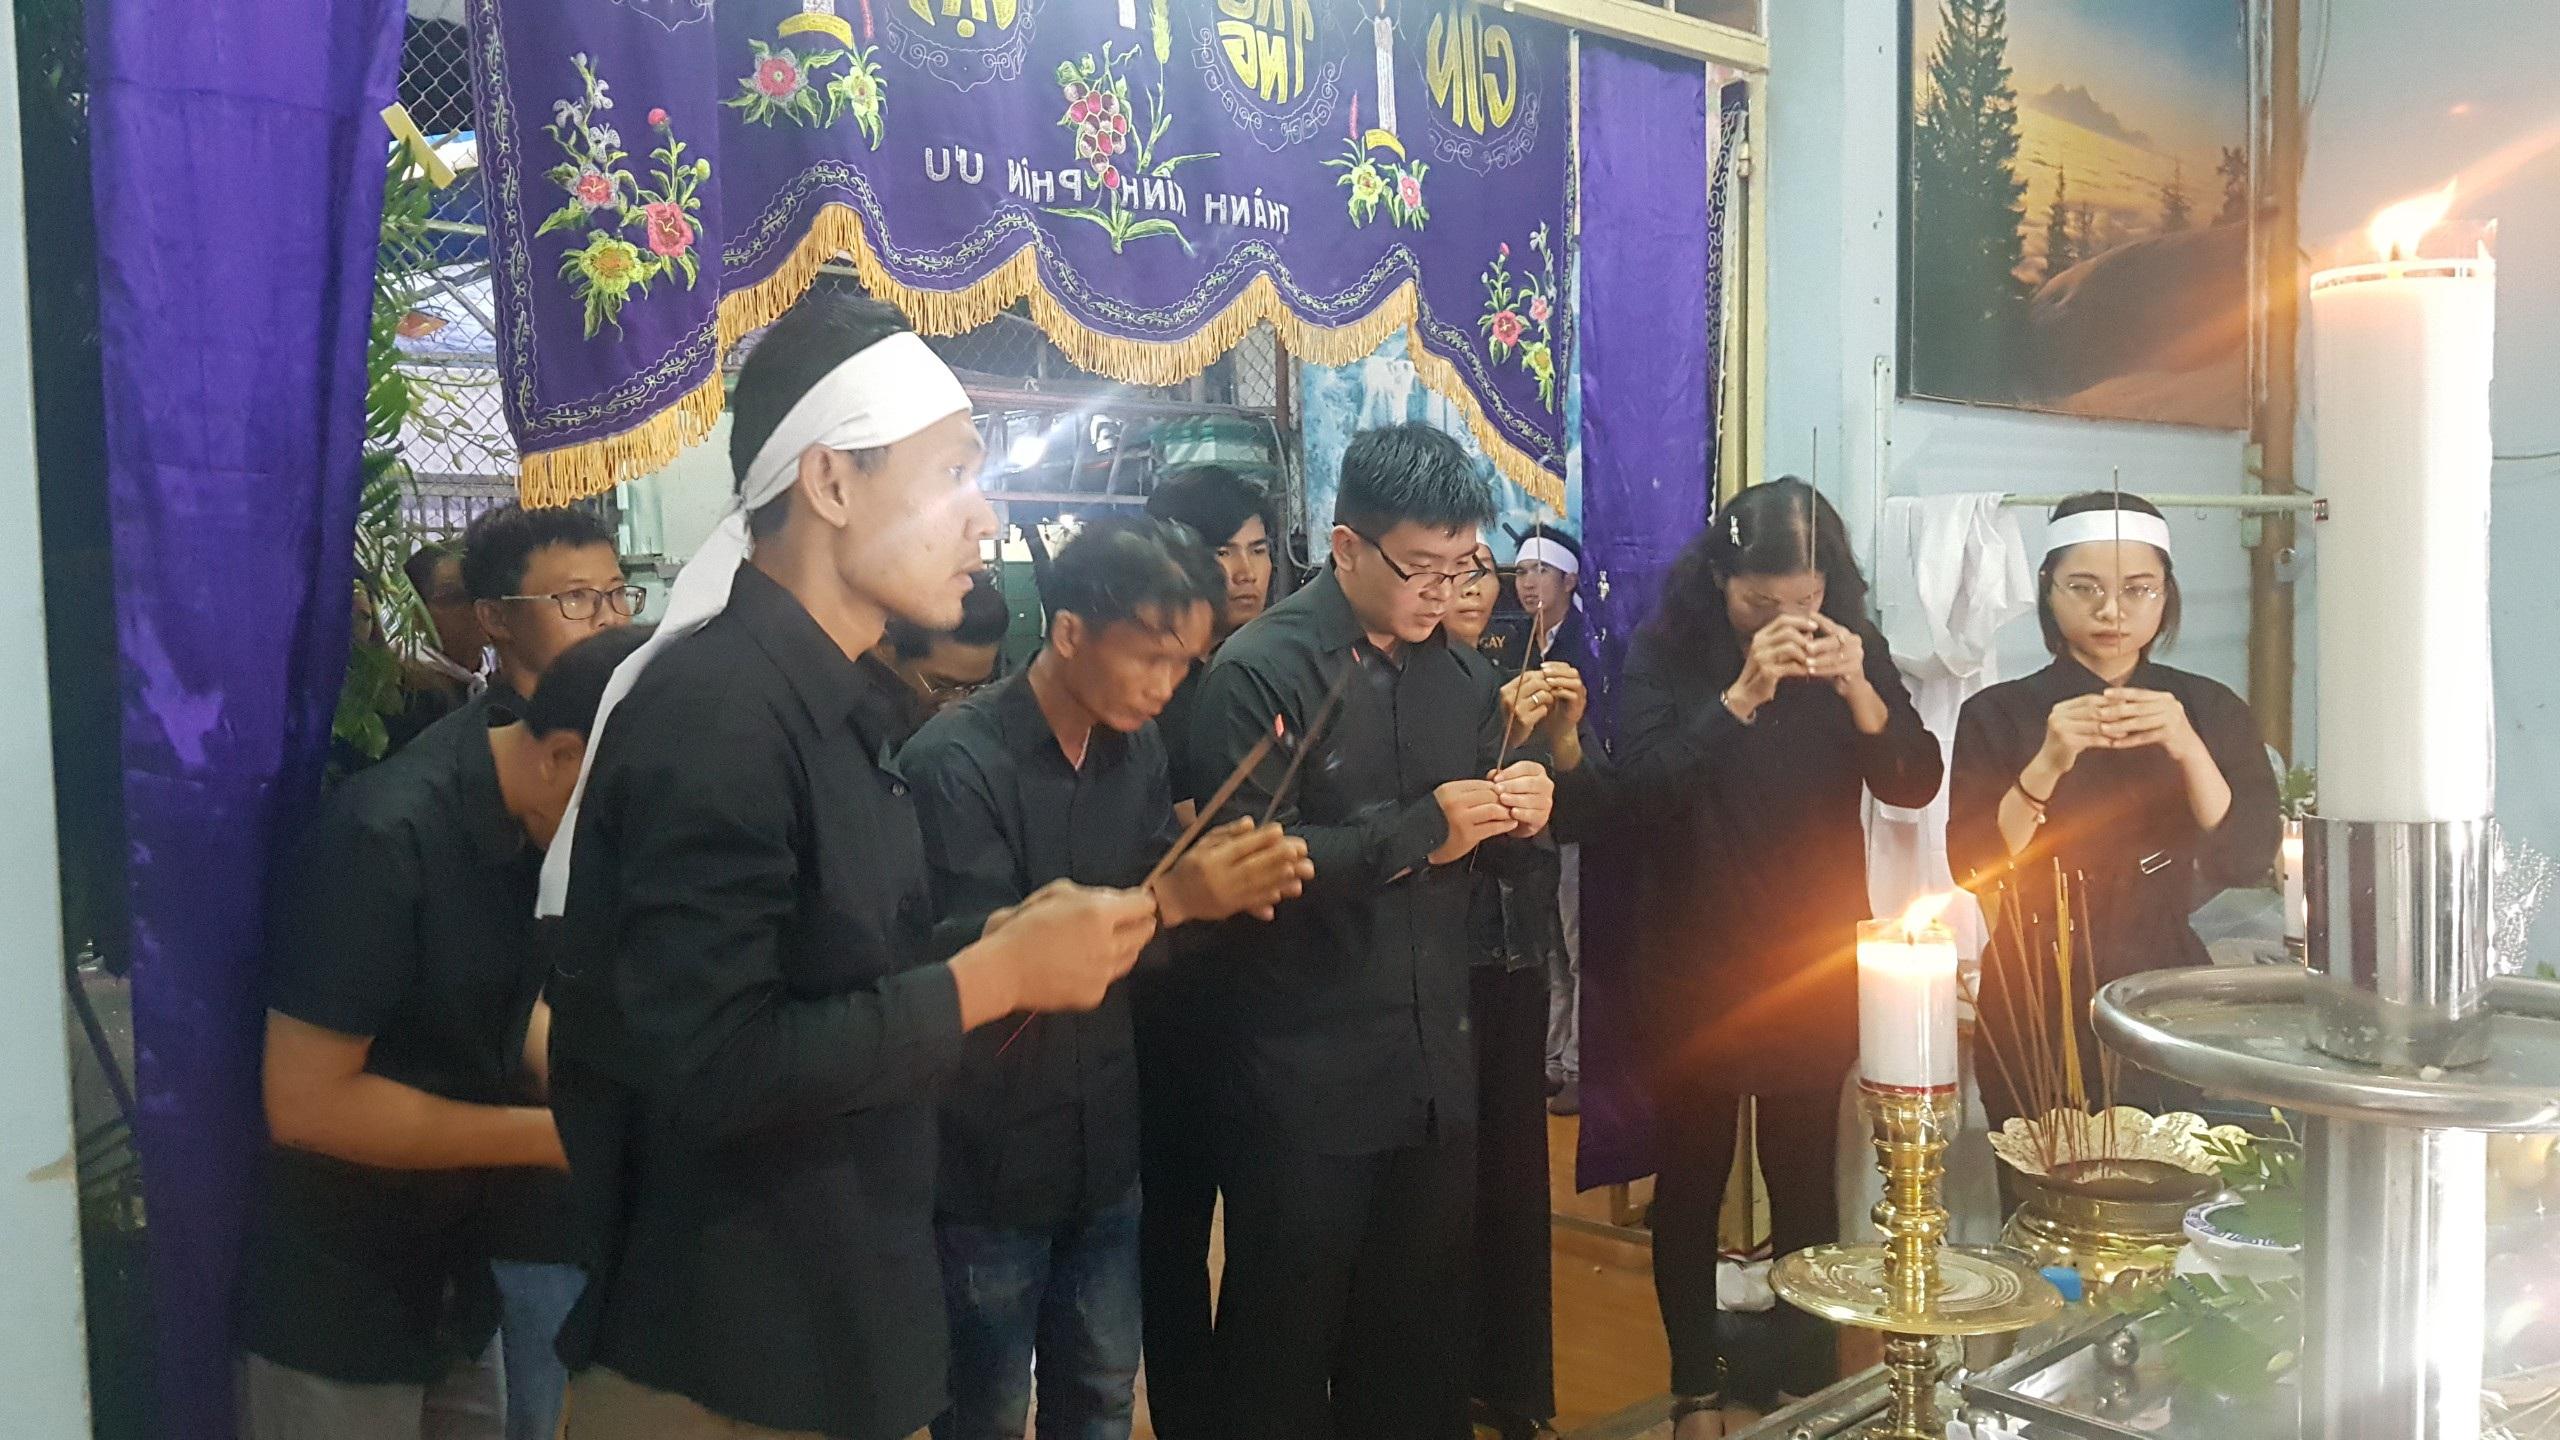 Gia đình, đồng nghiệp tiễn đưa nhạc sĩ Trần Quang Lộc trong cơn mưa tầm tã - 2